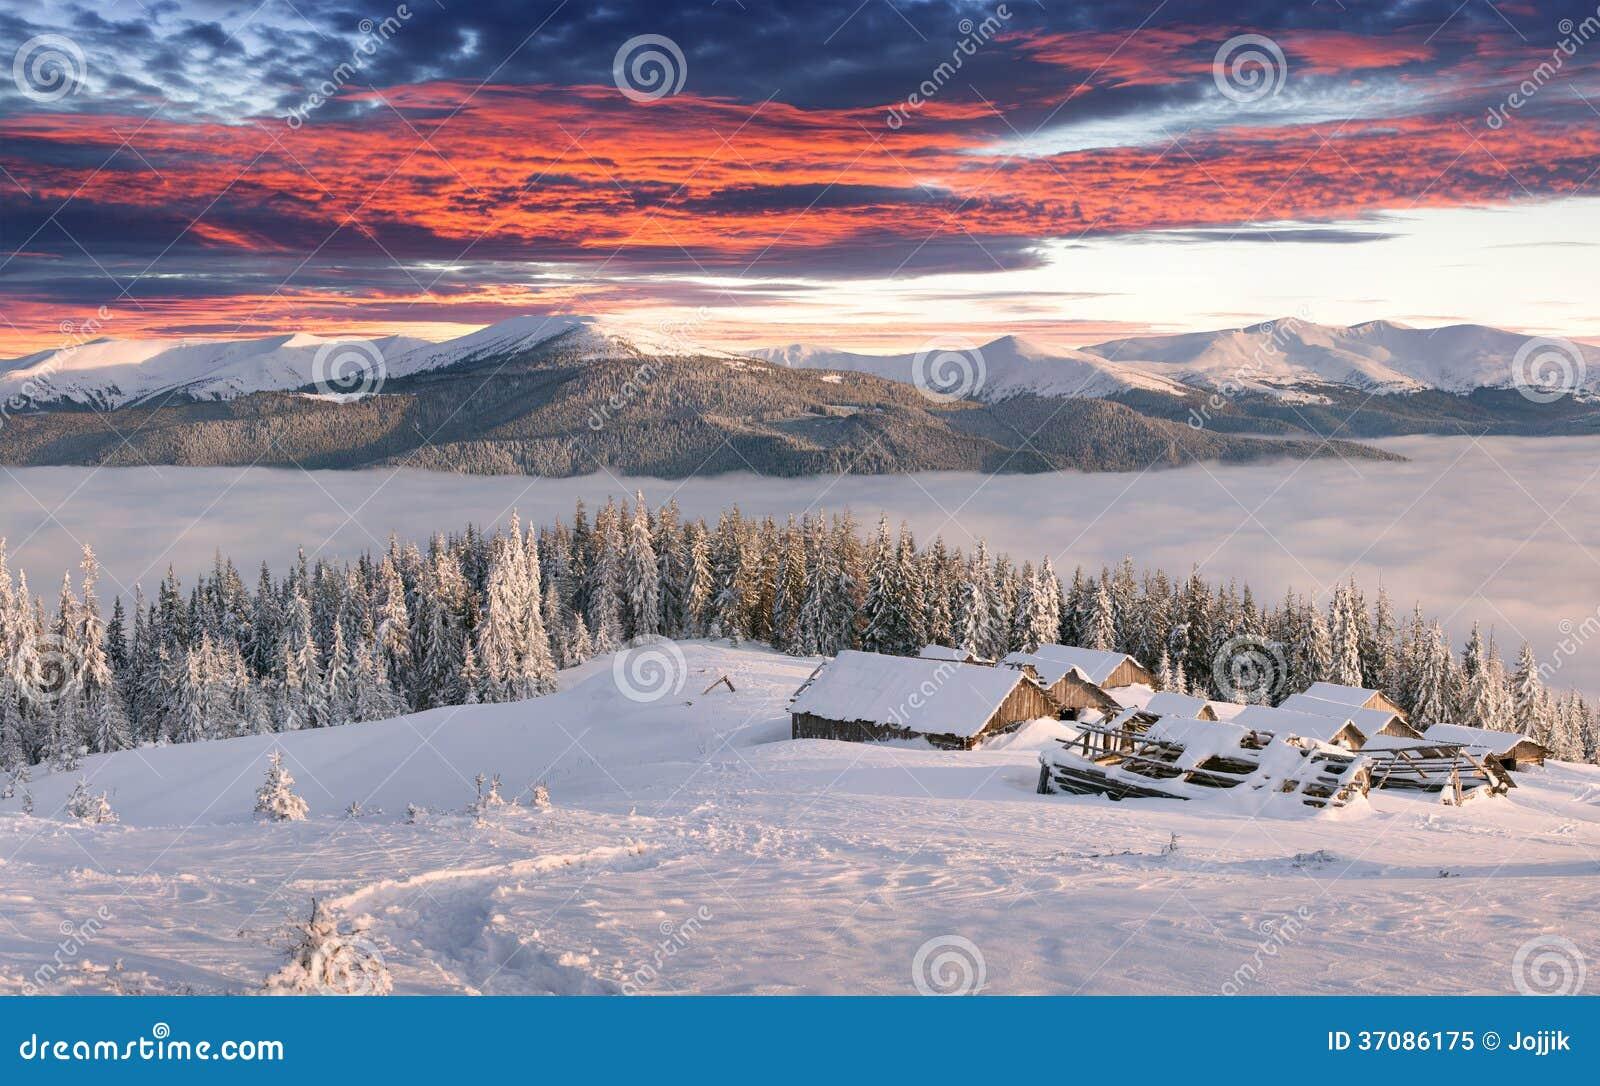 Download Panorama Mgłowy Zima Wschód Słońca W Górach Obraz Stock - Obraz złożonej z góra, średniogórza: 37086175